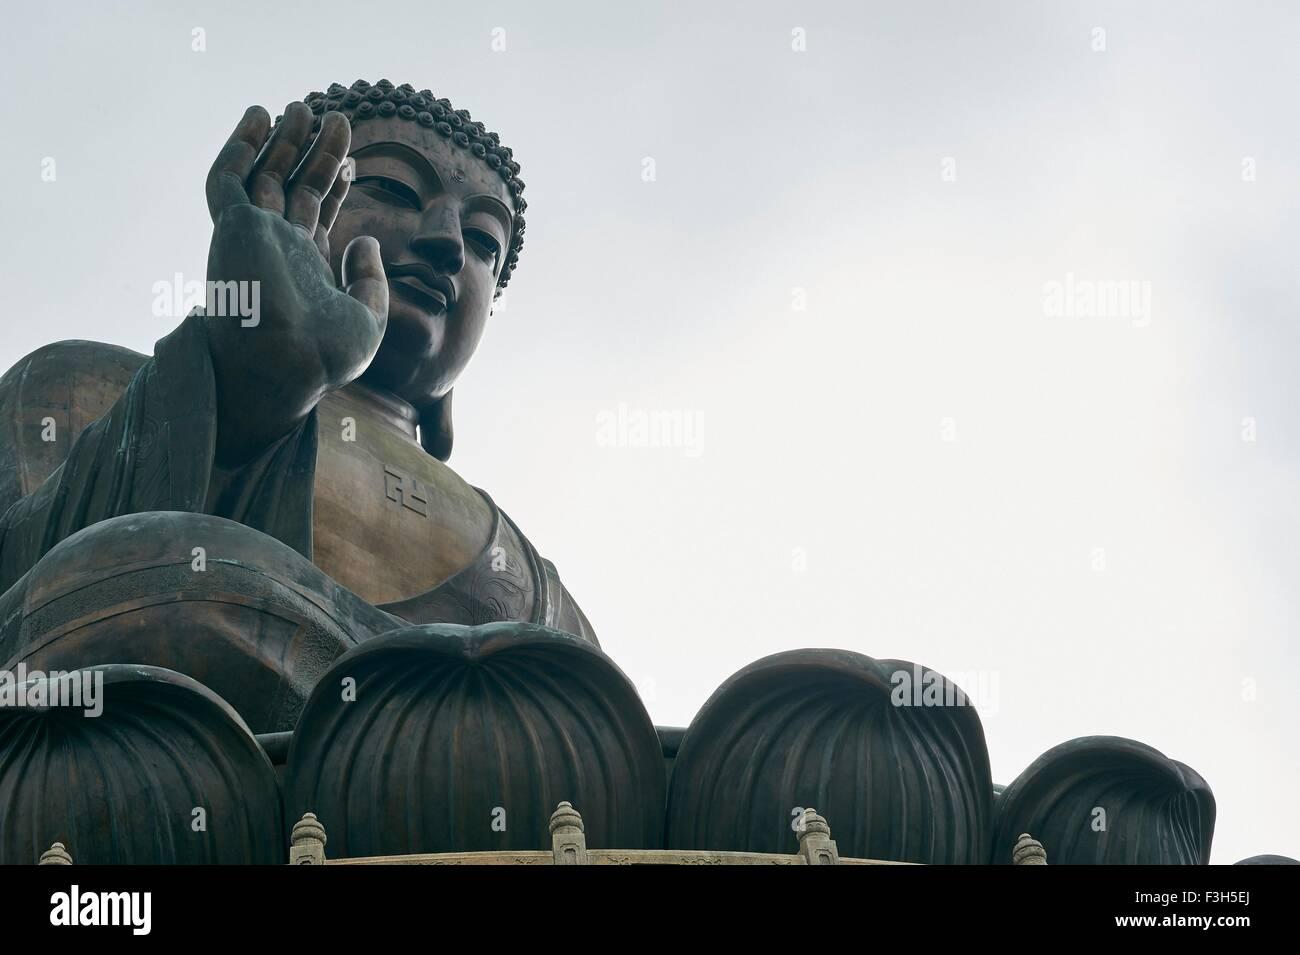 Big Buddha, Lantau Island, Hong Kong, low angle view - Stock Image